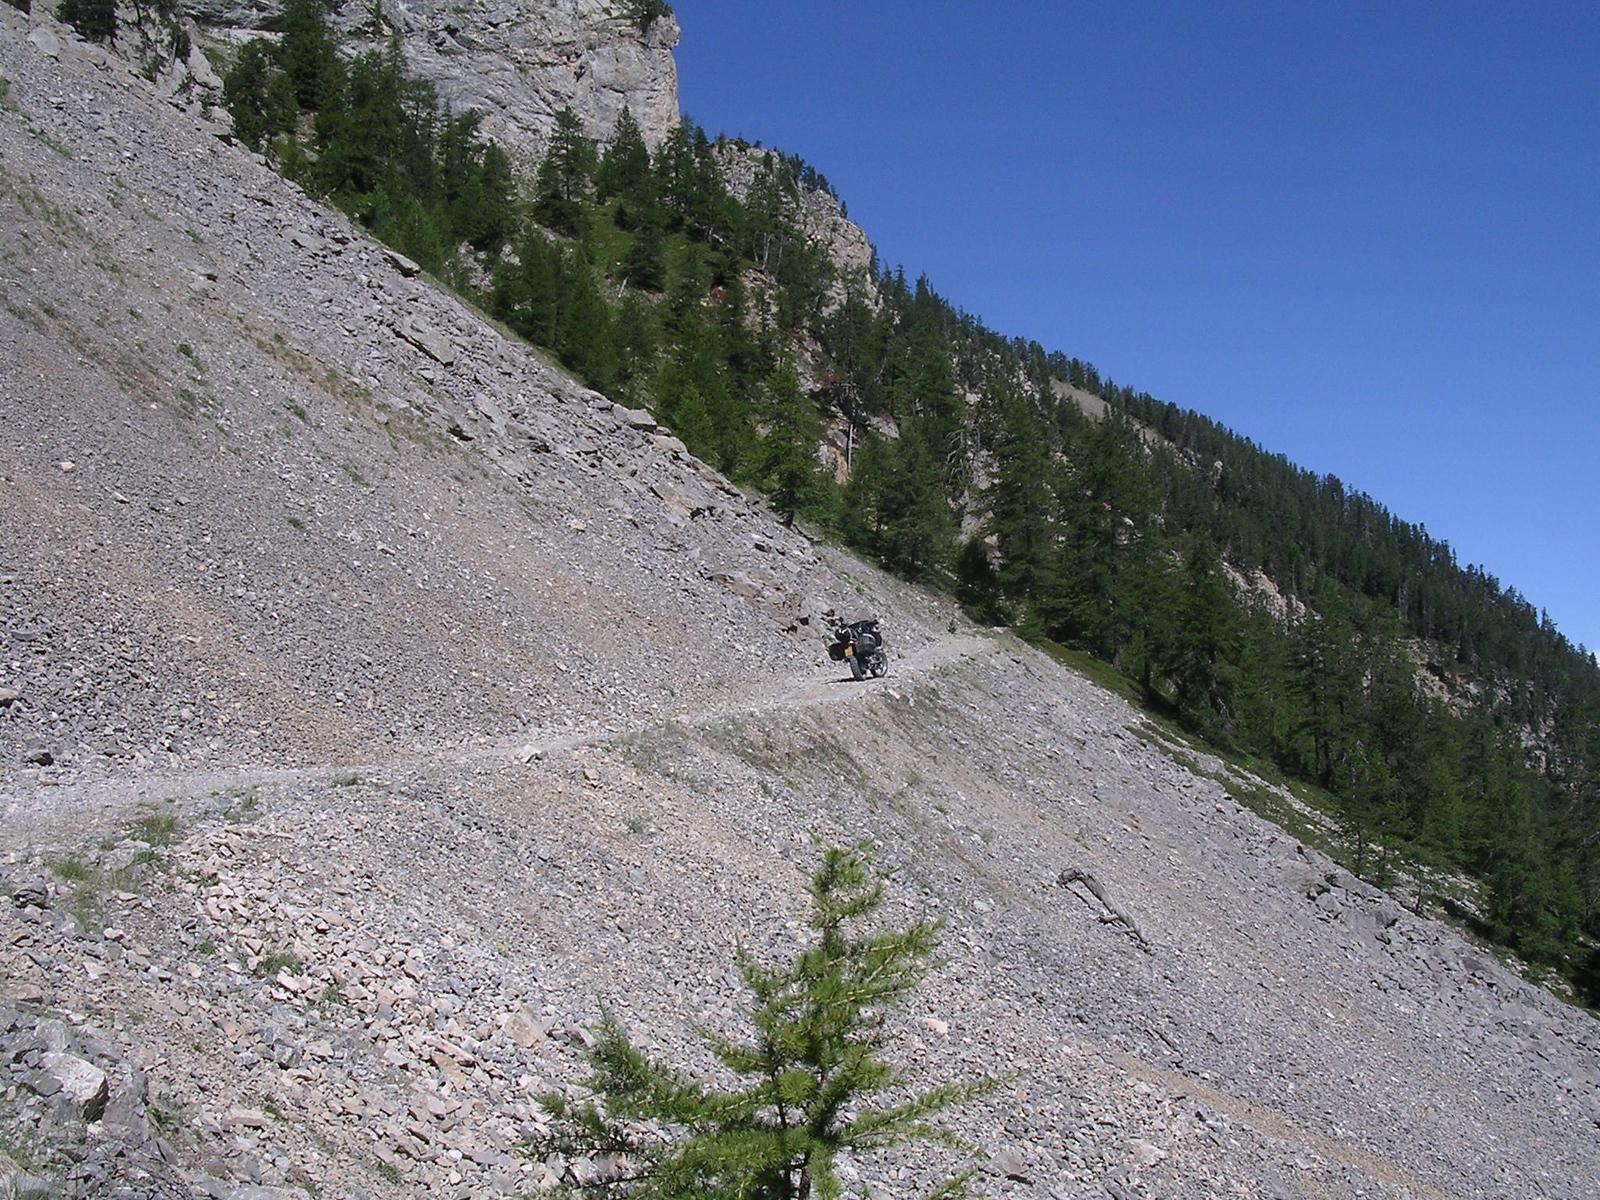 Deel van de weg zonder uitwijkmogelijkheden. Flank aan één kant en afgrond aan de andere